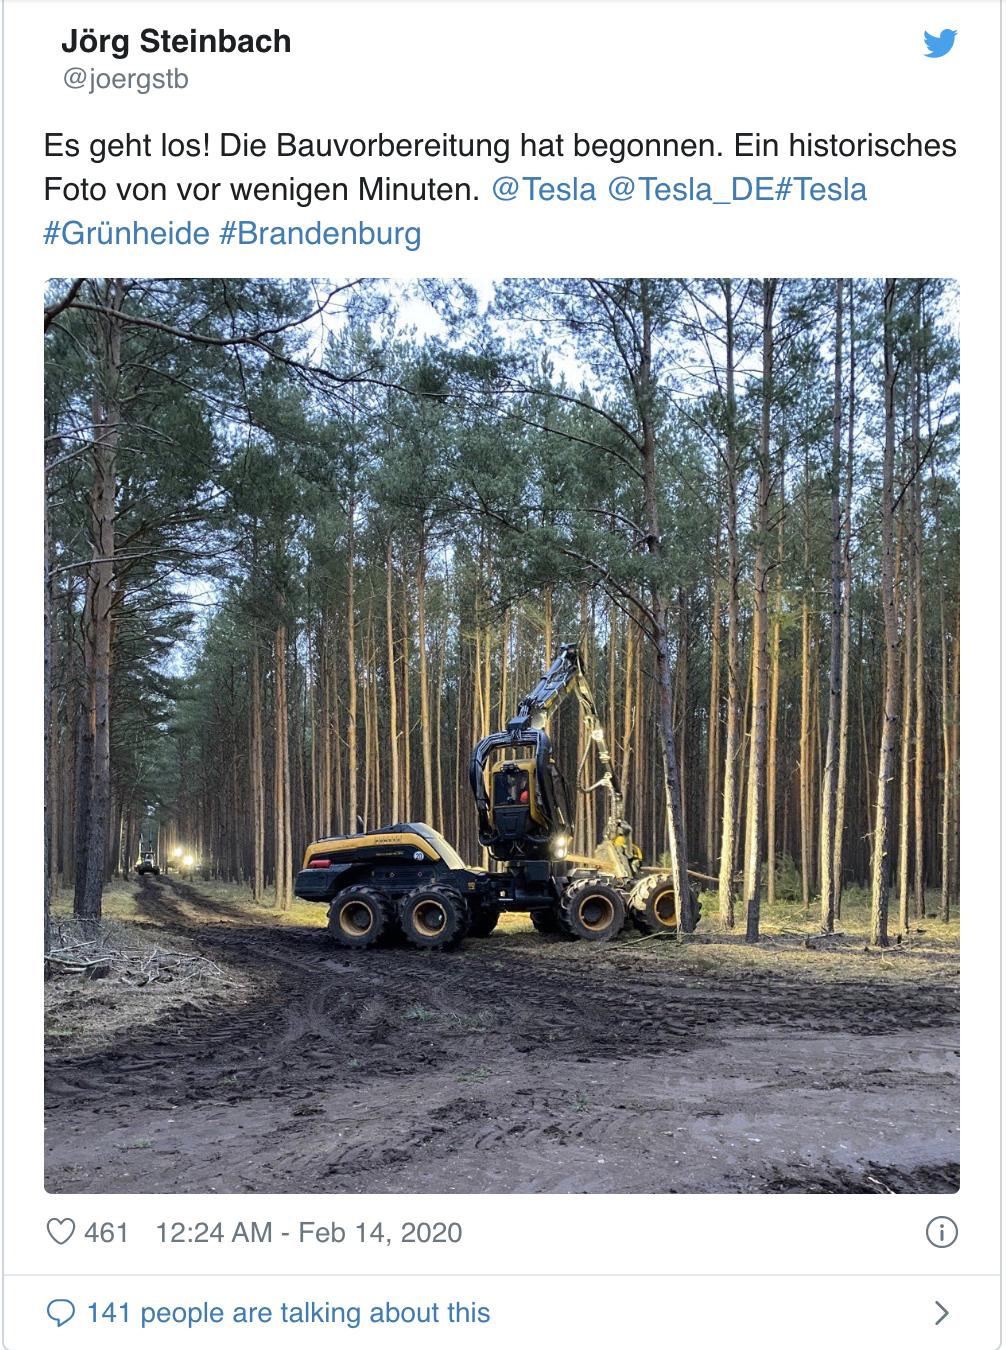 特斯拉再迎好消息:柏林超级工厂开始砍伐森林